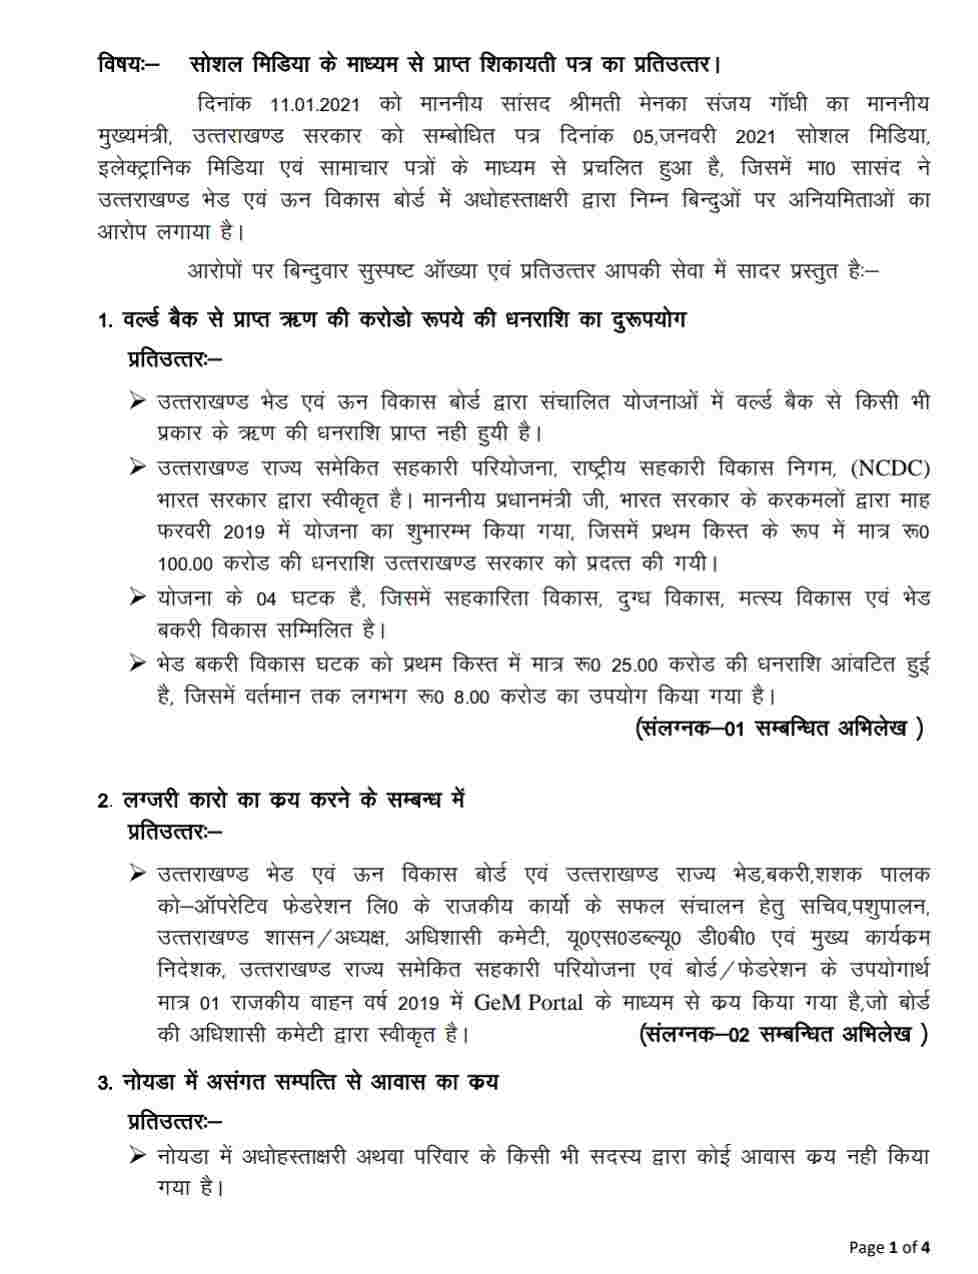 सांसद मेनका गांधी केआरोपों का बोर्ड के सीईओ डॉ.अविनाश आनंद ने दिया प्रतिउत्तर, दिया यह स्पष्टीकरण 2